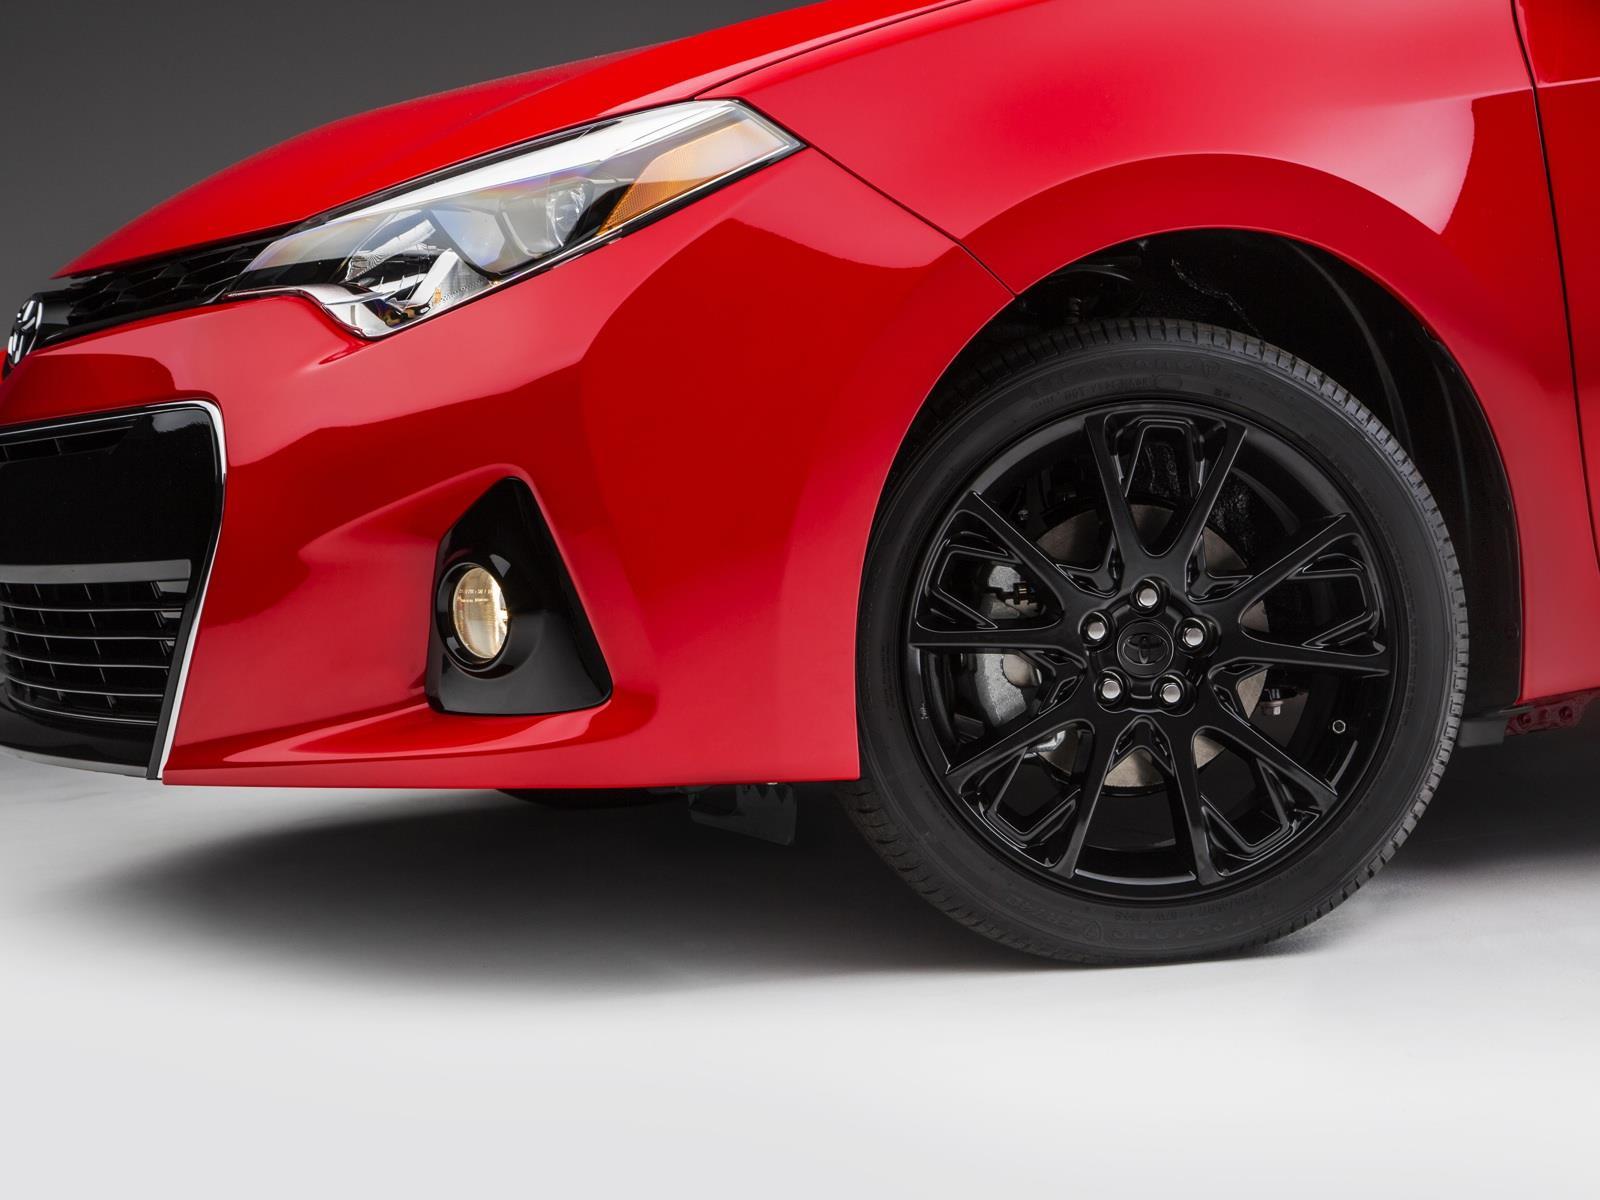 Toyota Corolla Special Edition 2016, un compacto exclusivo ...